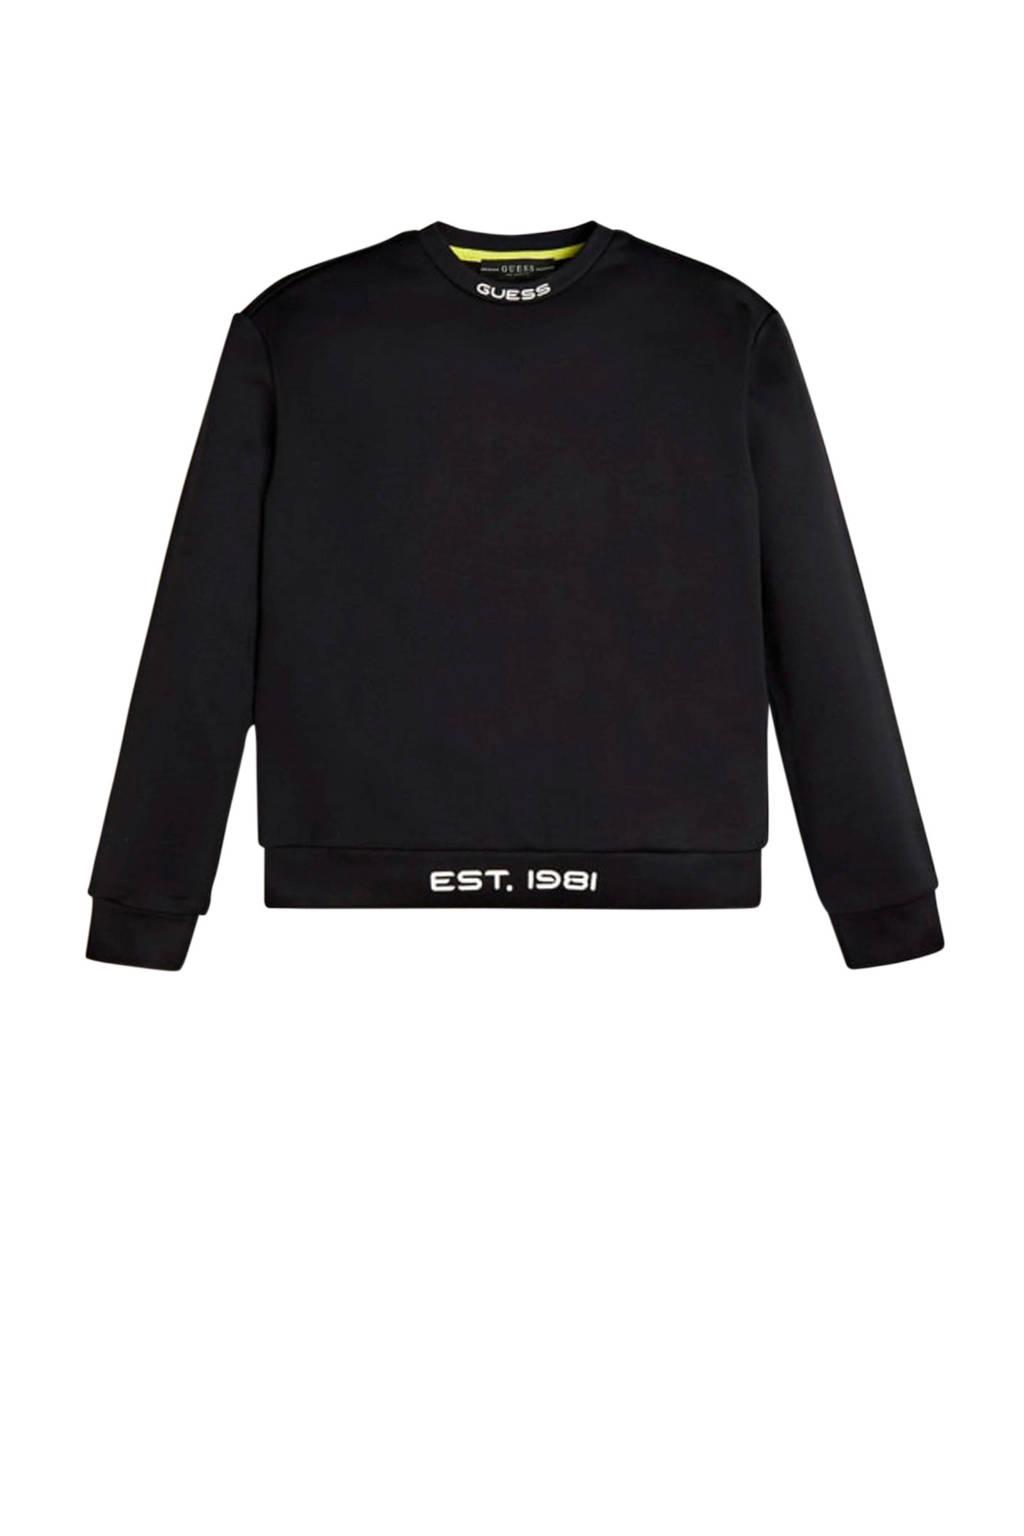 GUESS sweater LS Sweatshirt zwart, Zwart